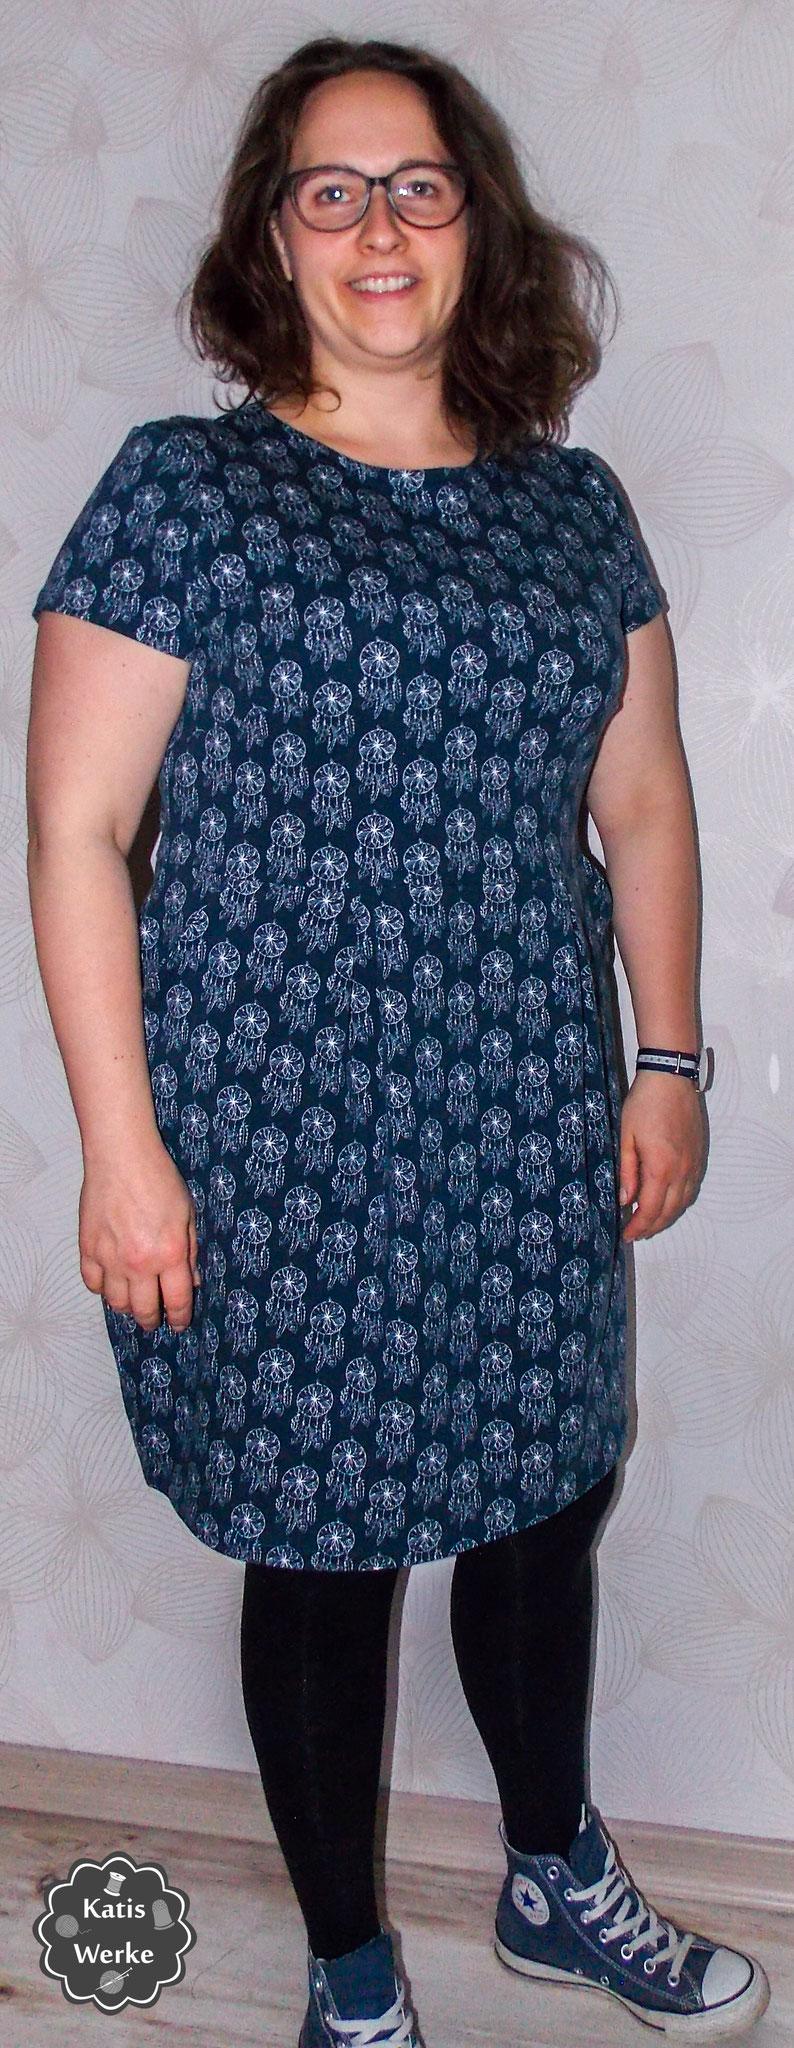 Chloe von PattyDoo - ein Tulpenkleid